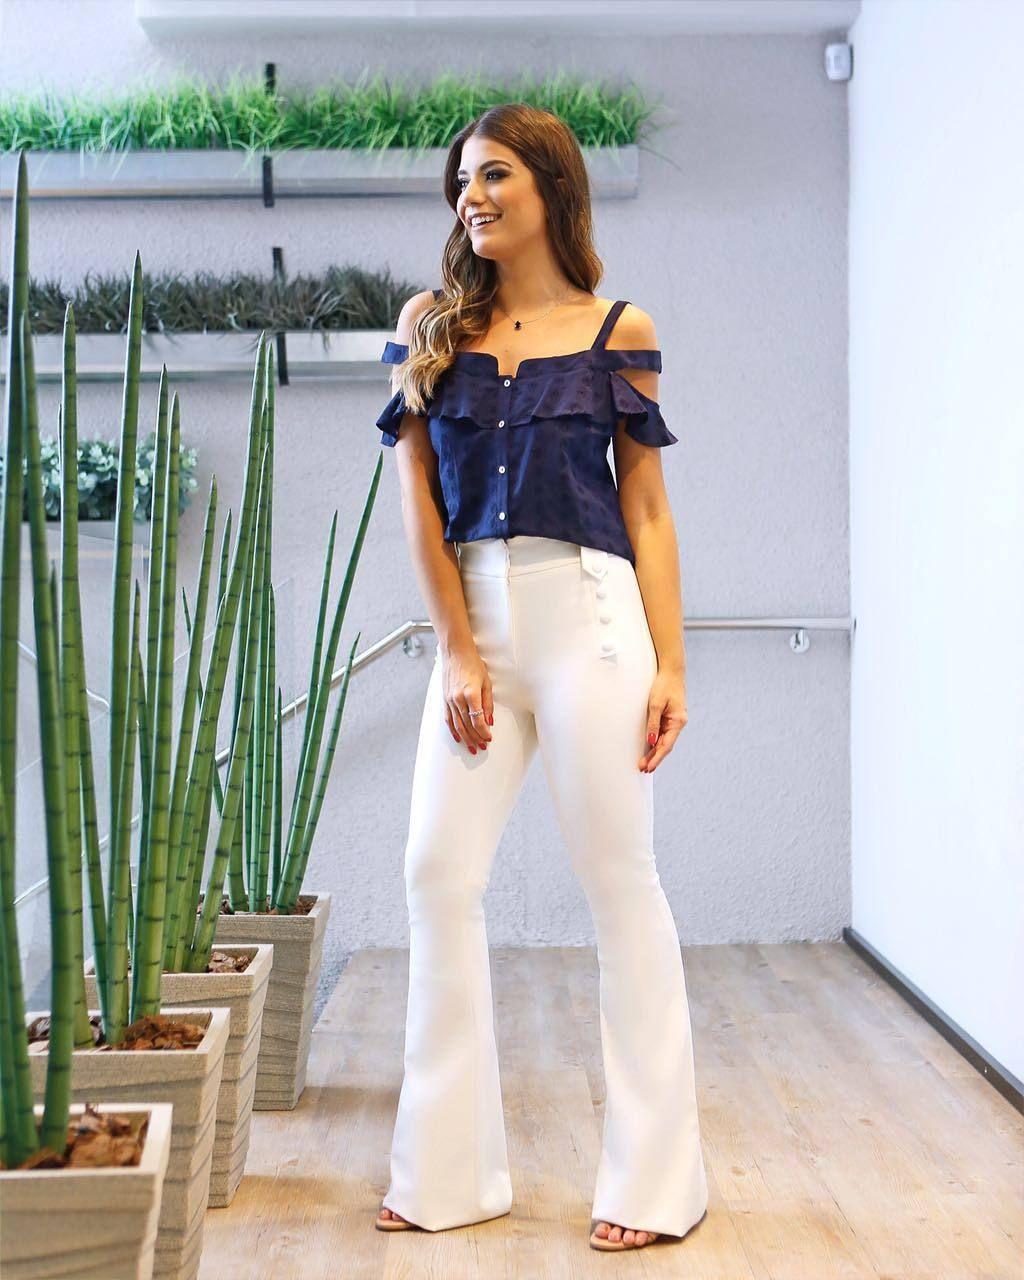 Estamos in love com esse look que a @arianecanovas escolheu: #cropped de laise e #flare com botões aparentes!  #coquetel #newcollection #summer18 #beuniquechic